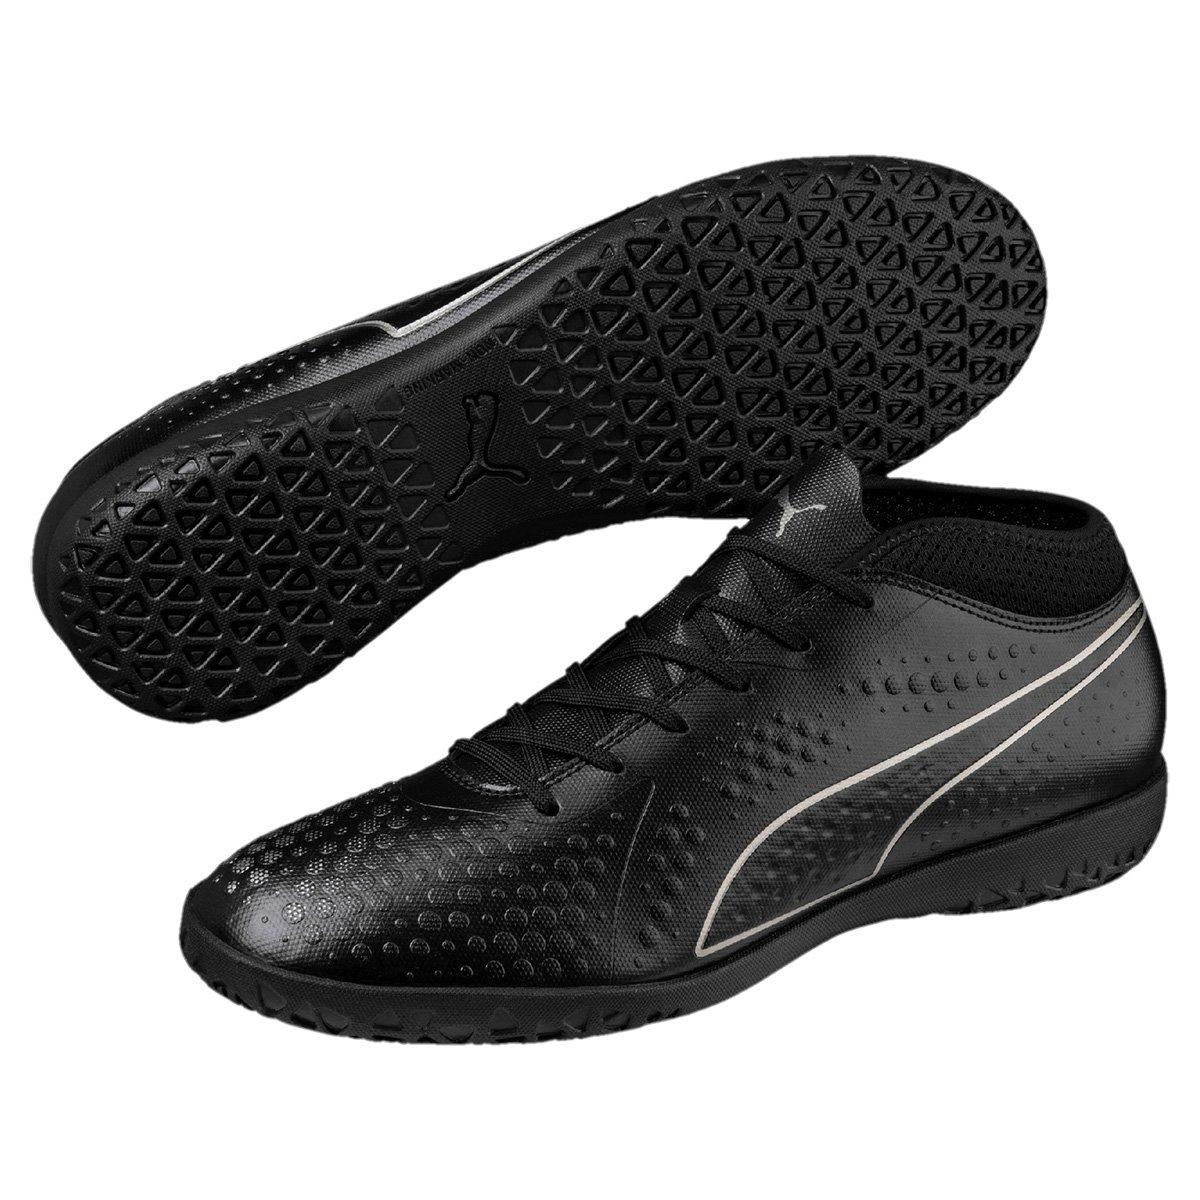 a987ce2795 Chuteira Futsal Puma One 4 Syn IT BDP